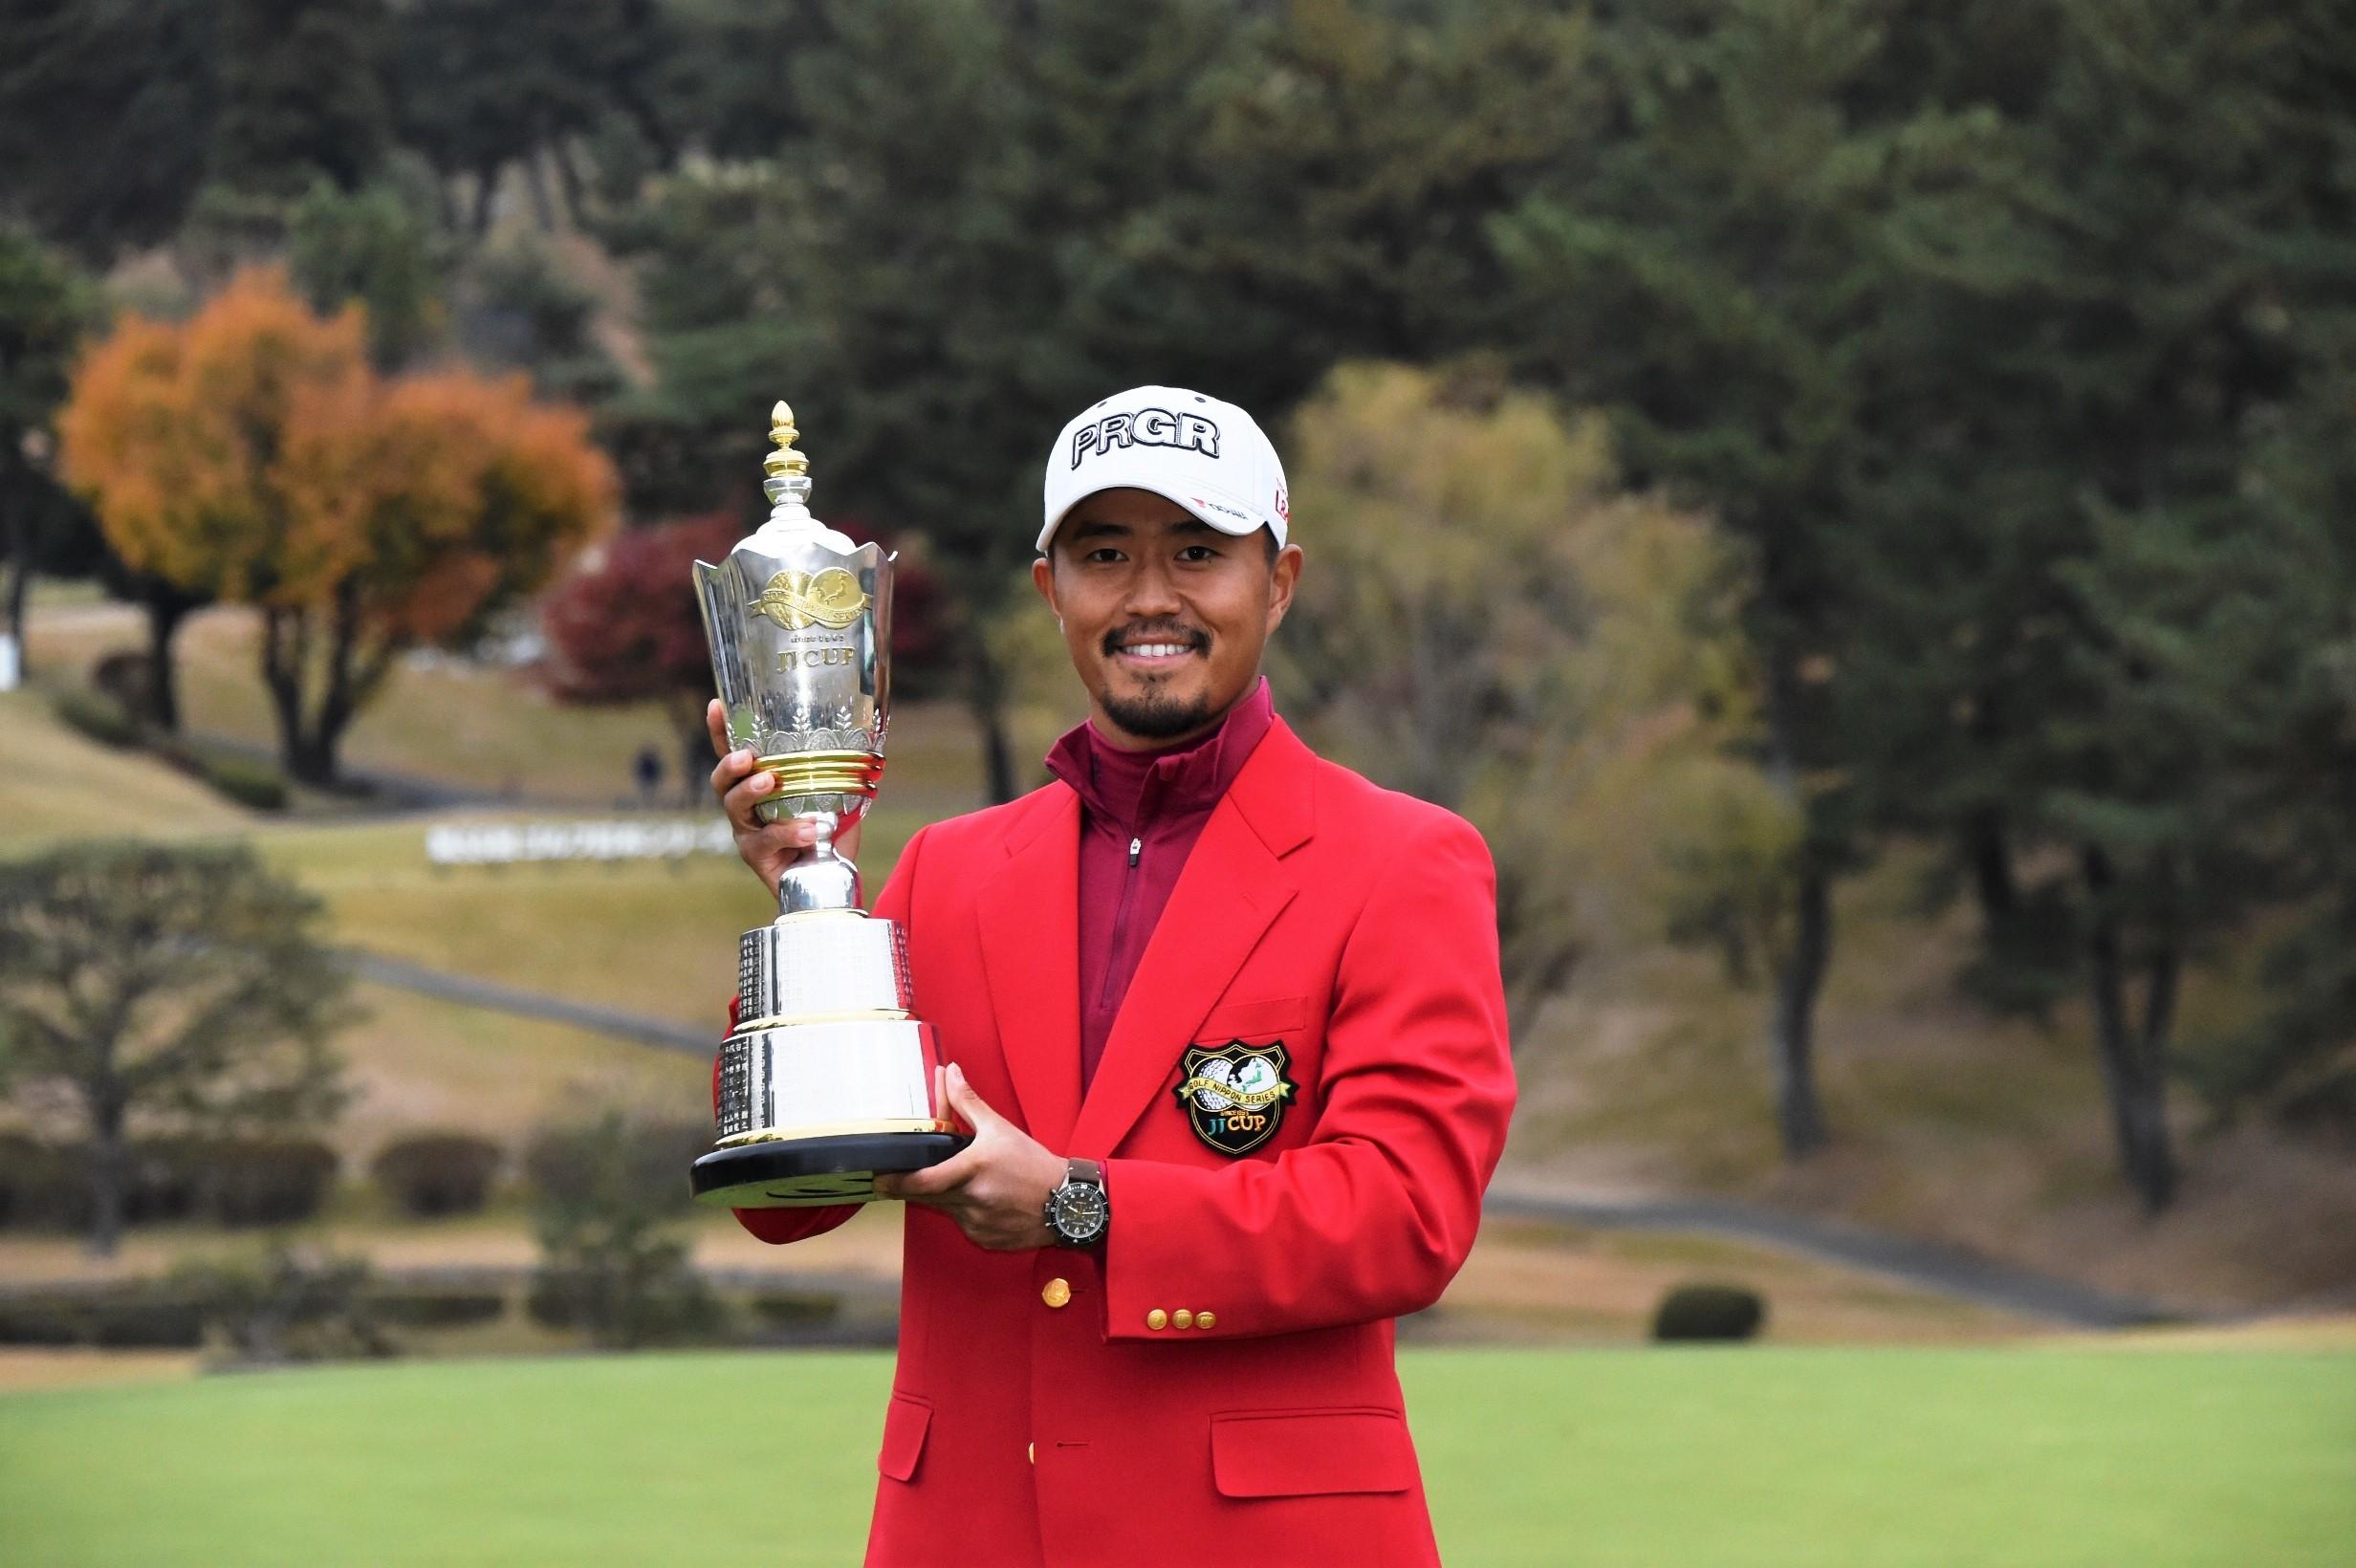 昨年の『ゴルフ日本シリーズJTカップ』で優勝した小平智